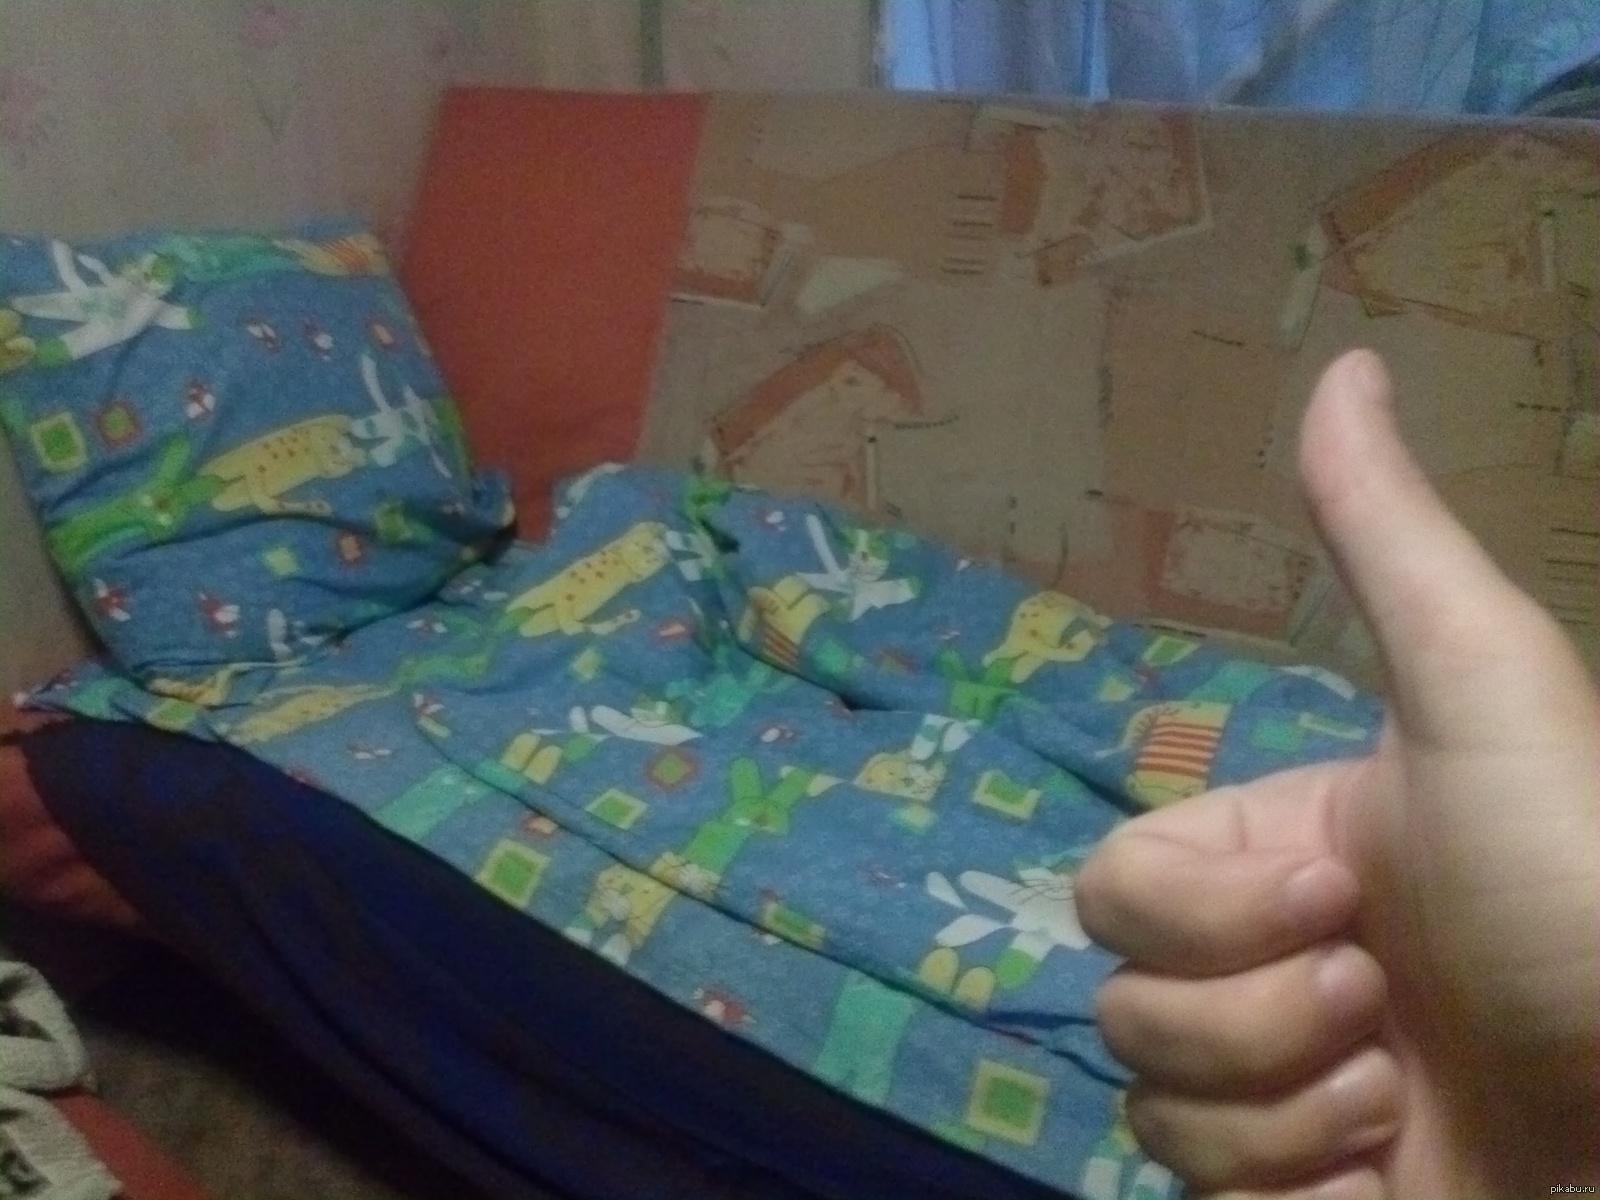 Сестра спит только в нижнем белье 8 фотография